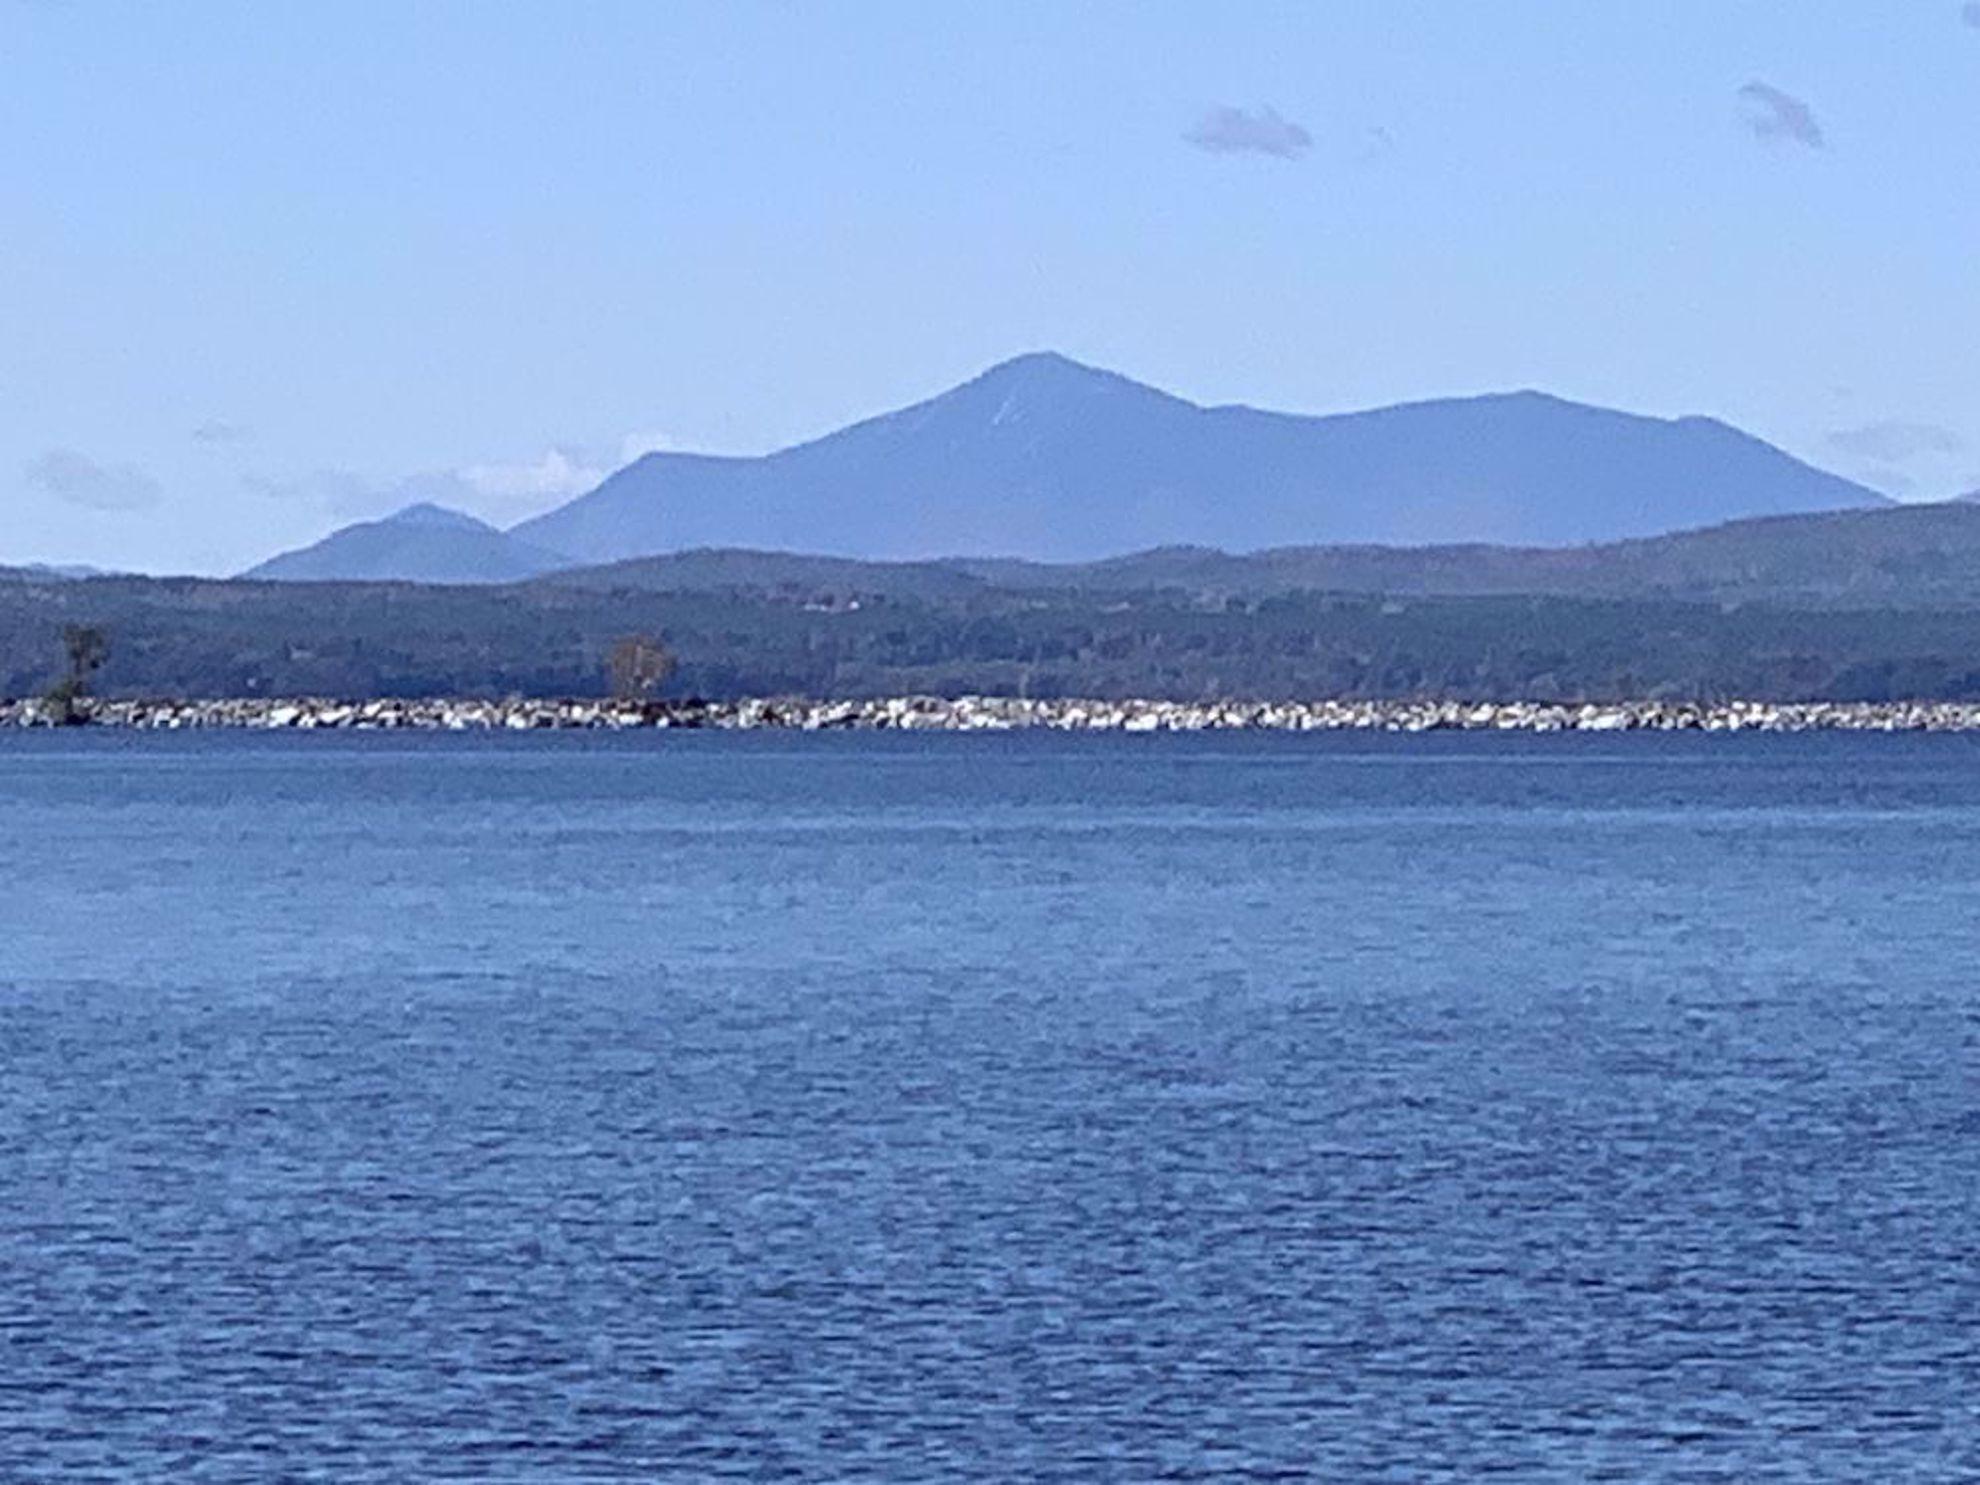 View across Lake Champlain